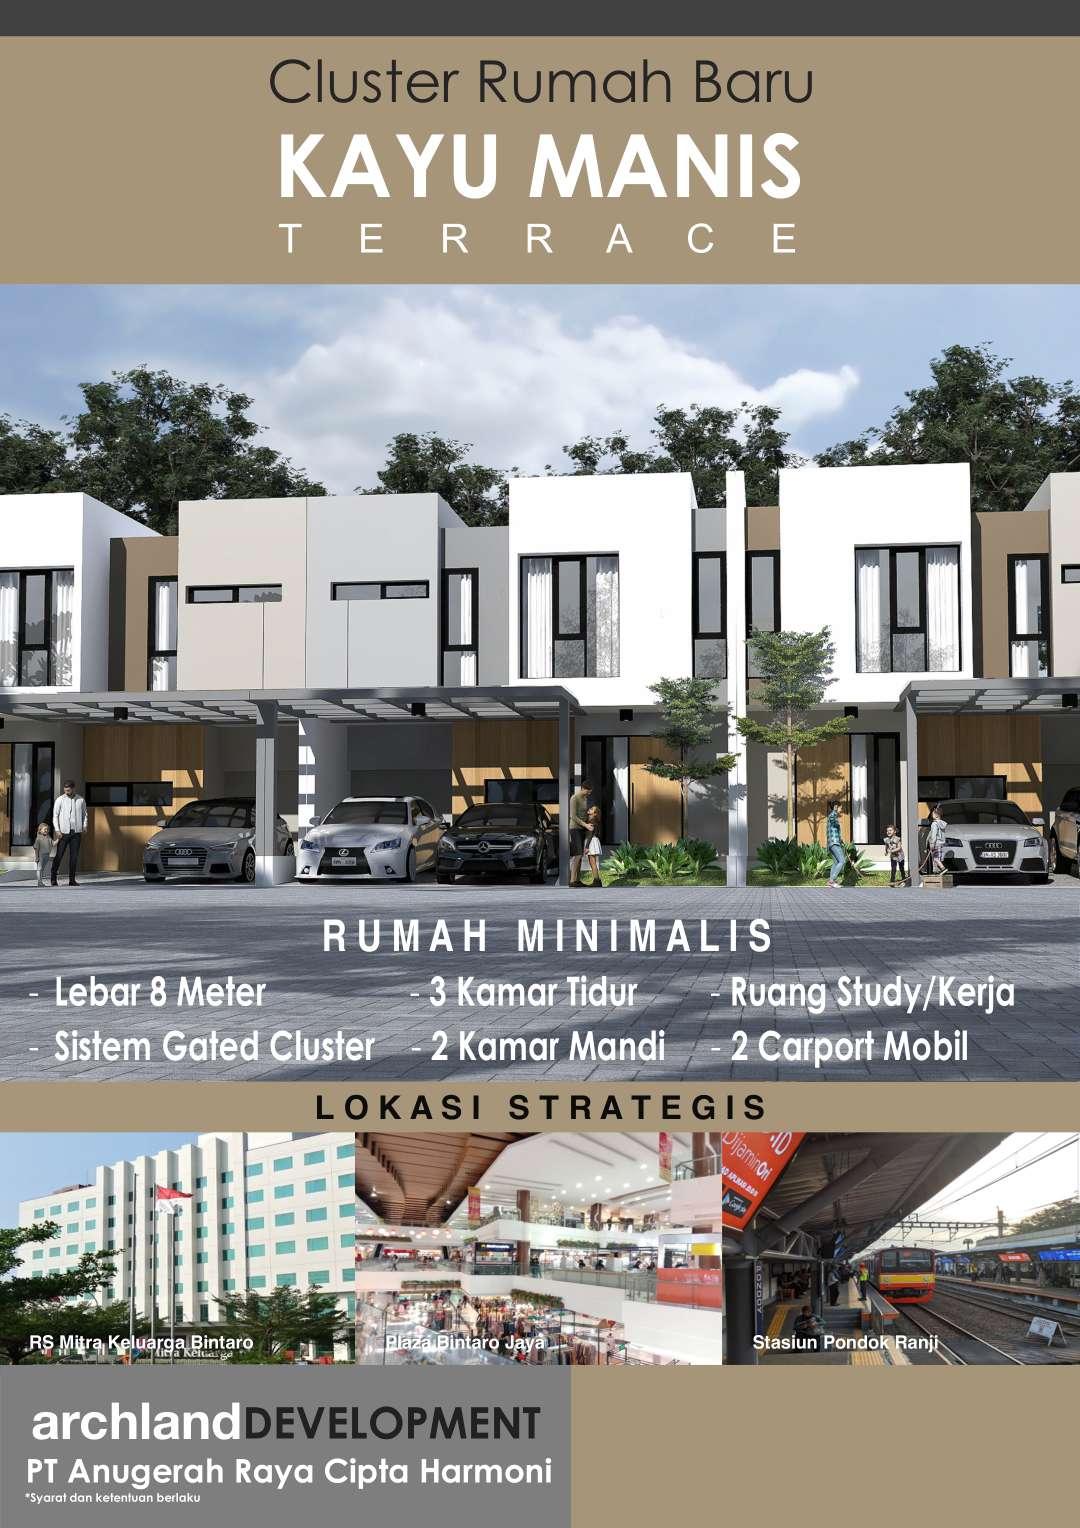 kayu-manis-terrace